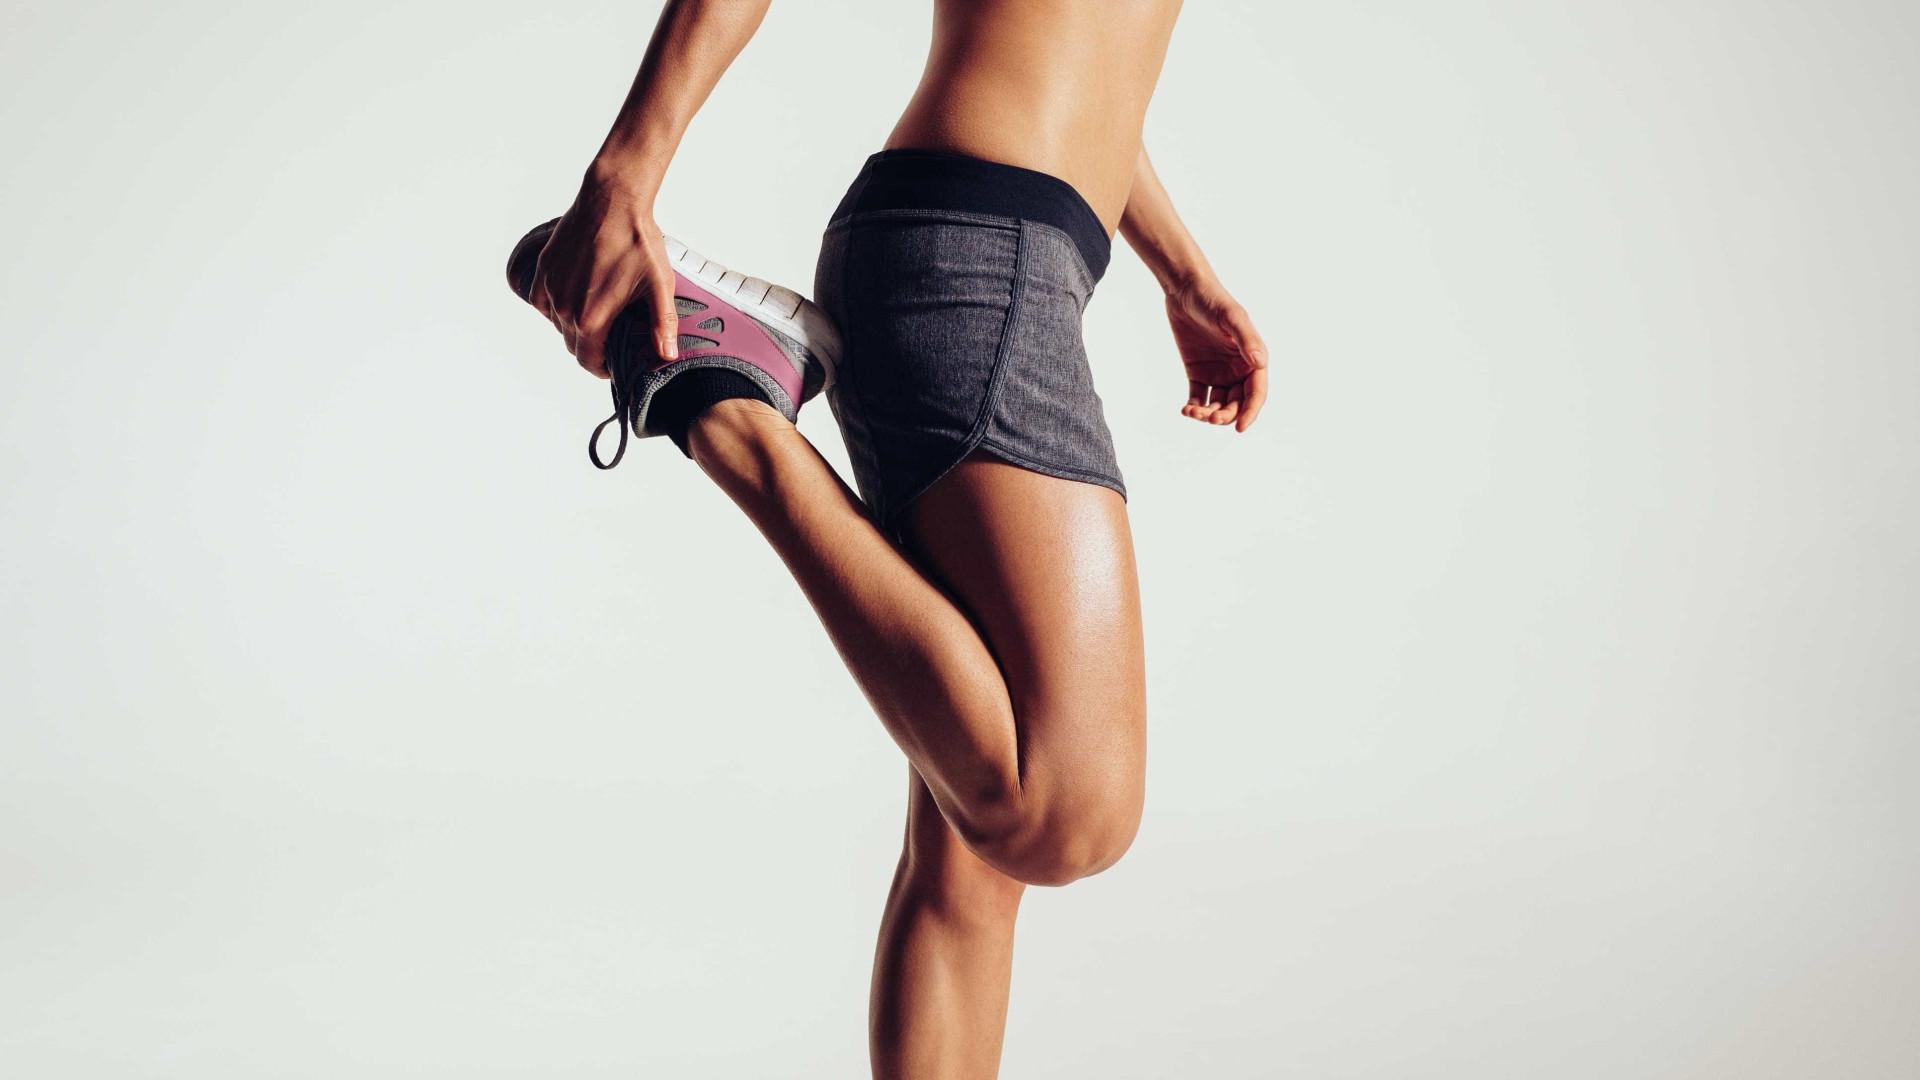 Estes hábitos de treino não são tão bons como pensamos